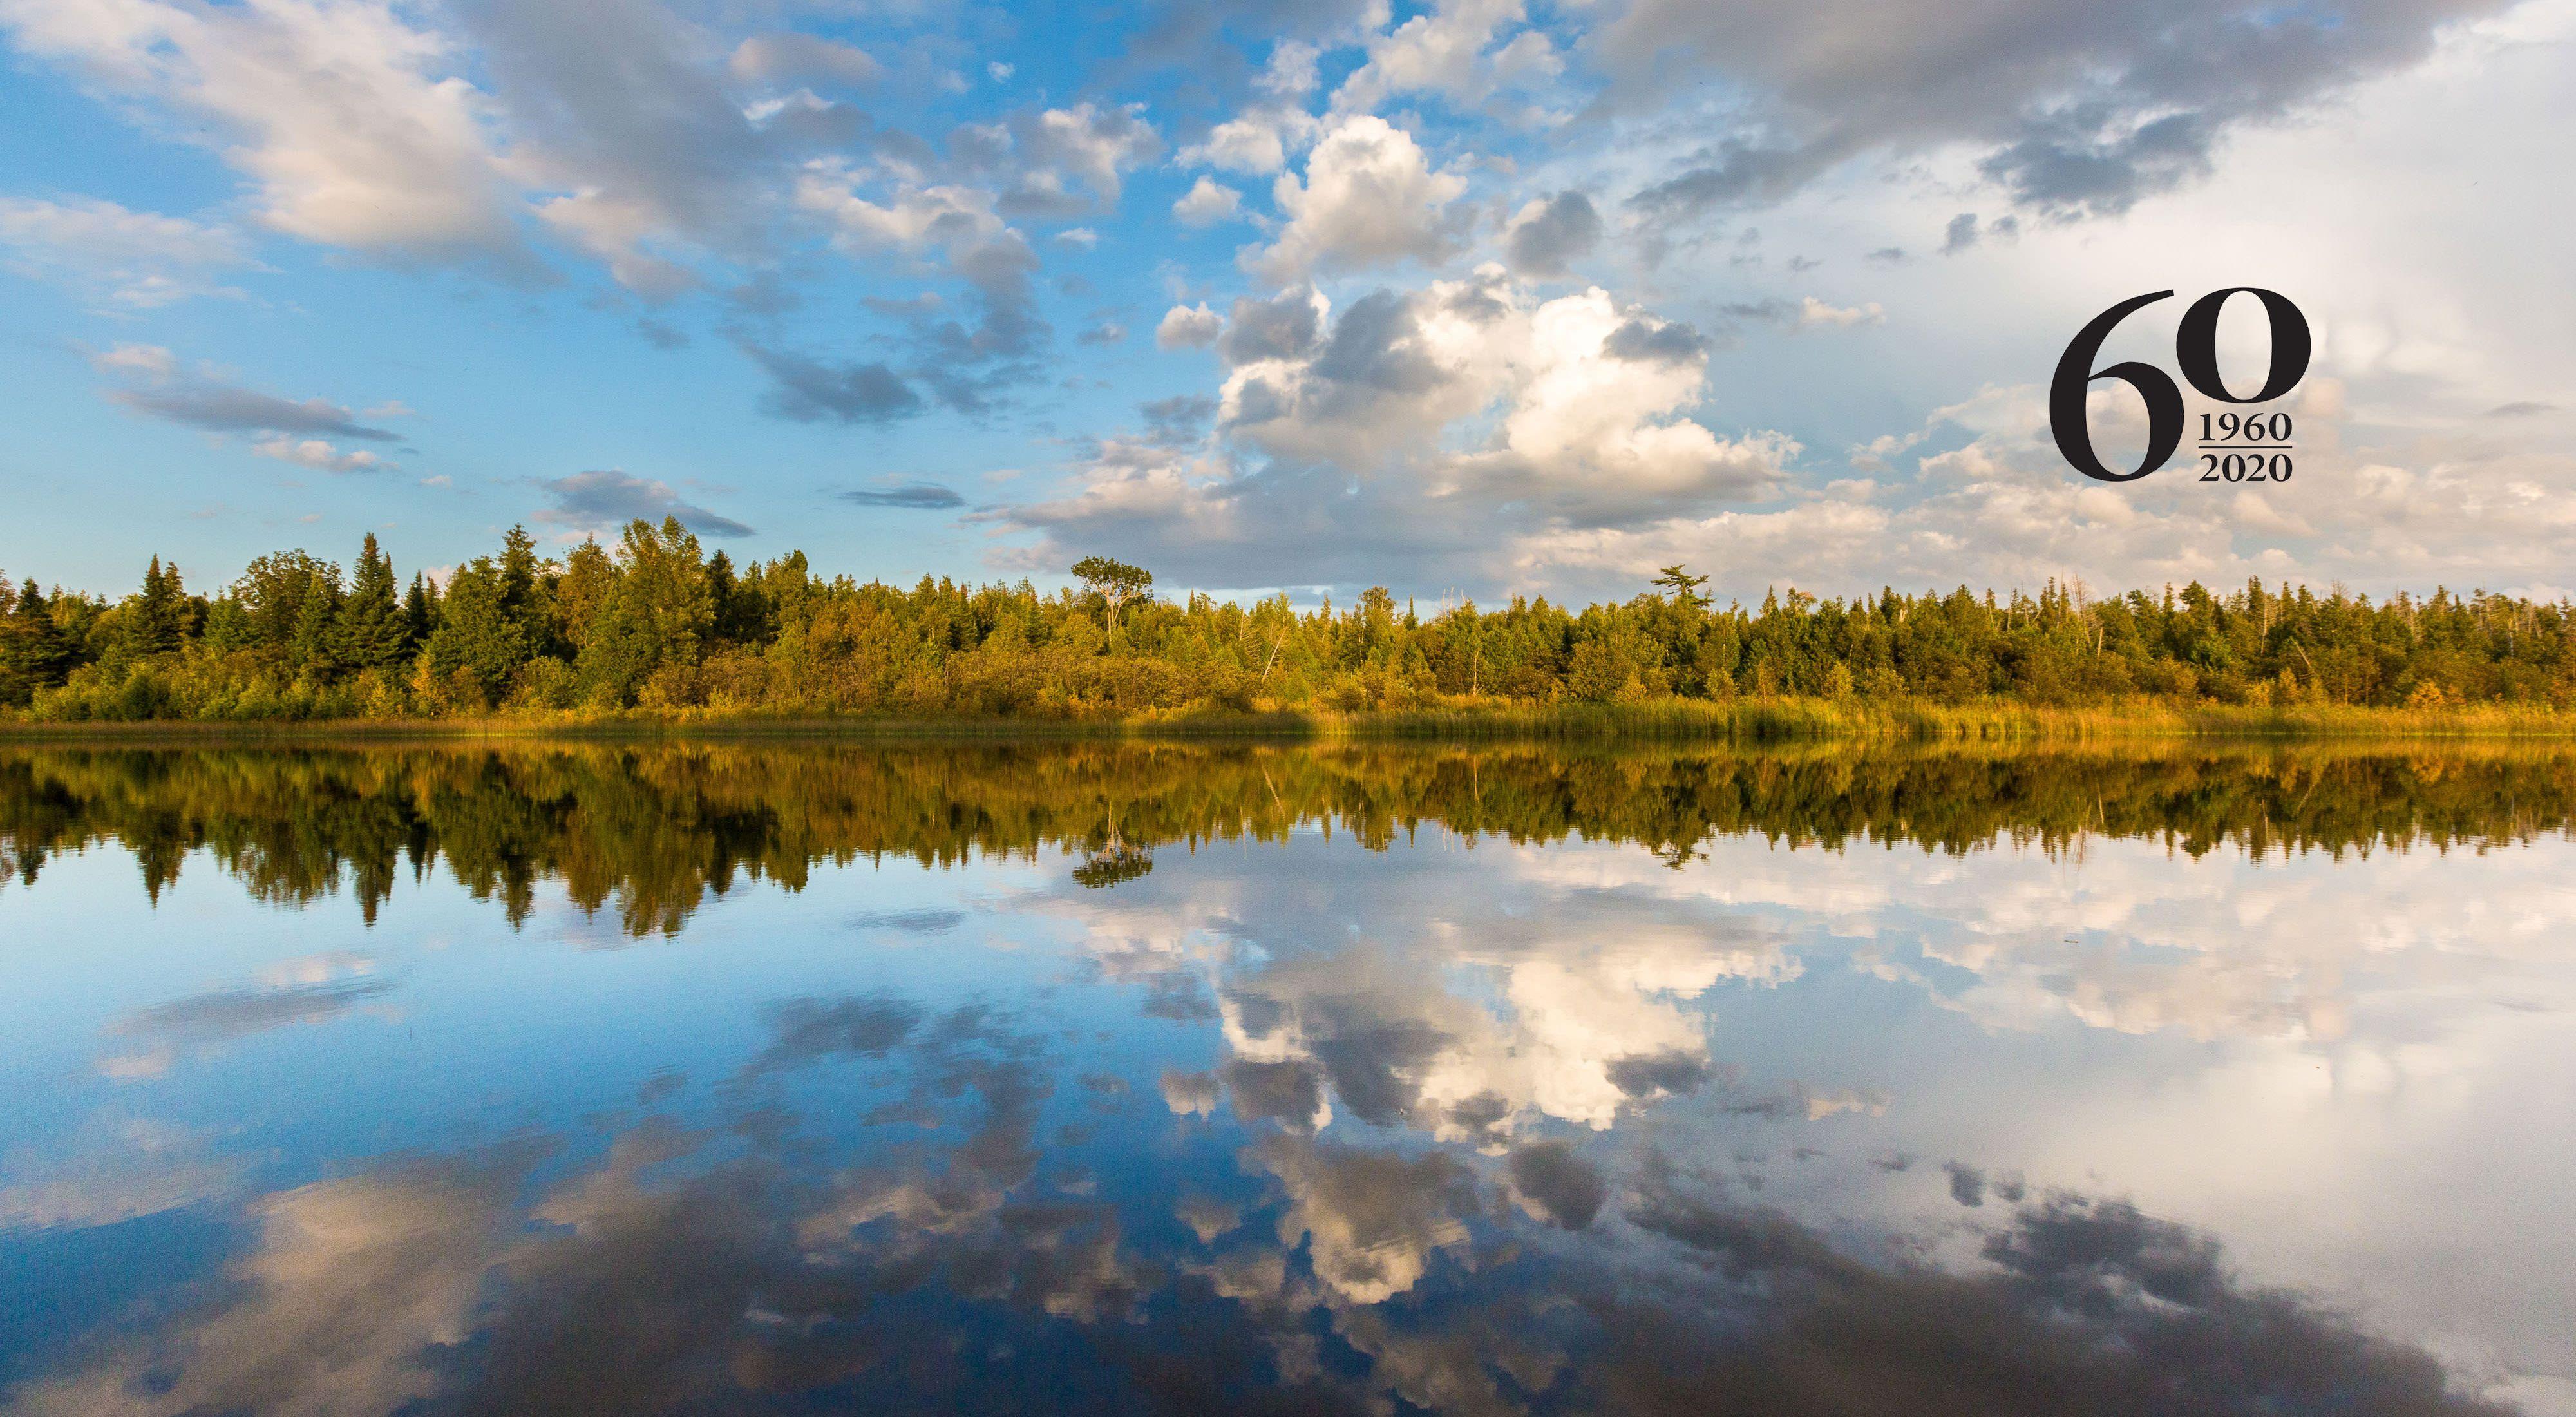 The Mink River Estuary in Door County, Wisconsin.